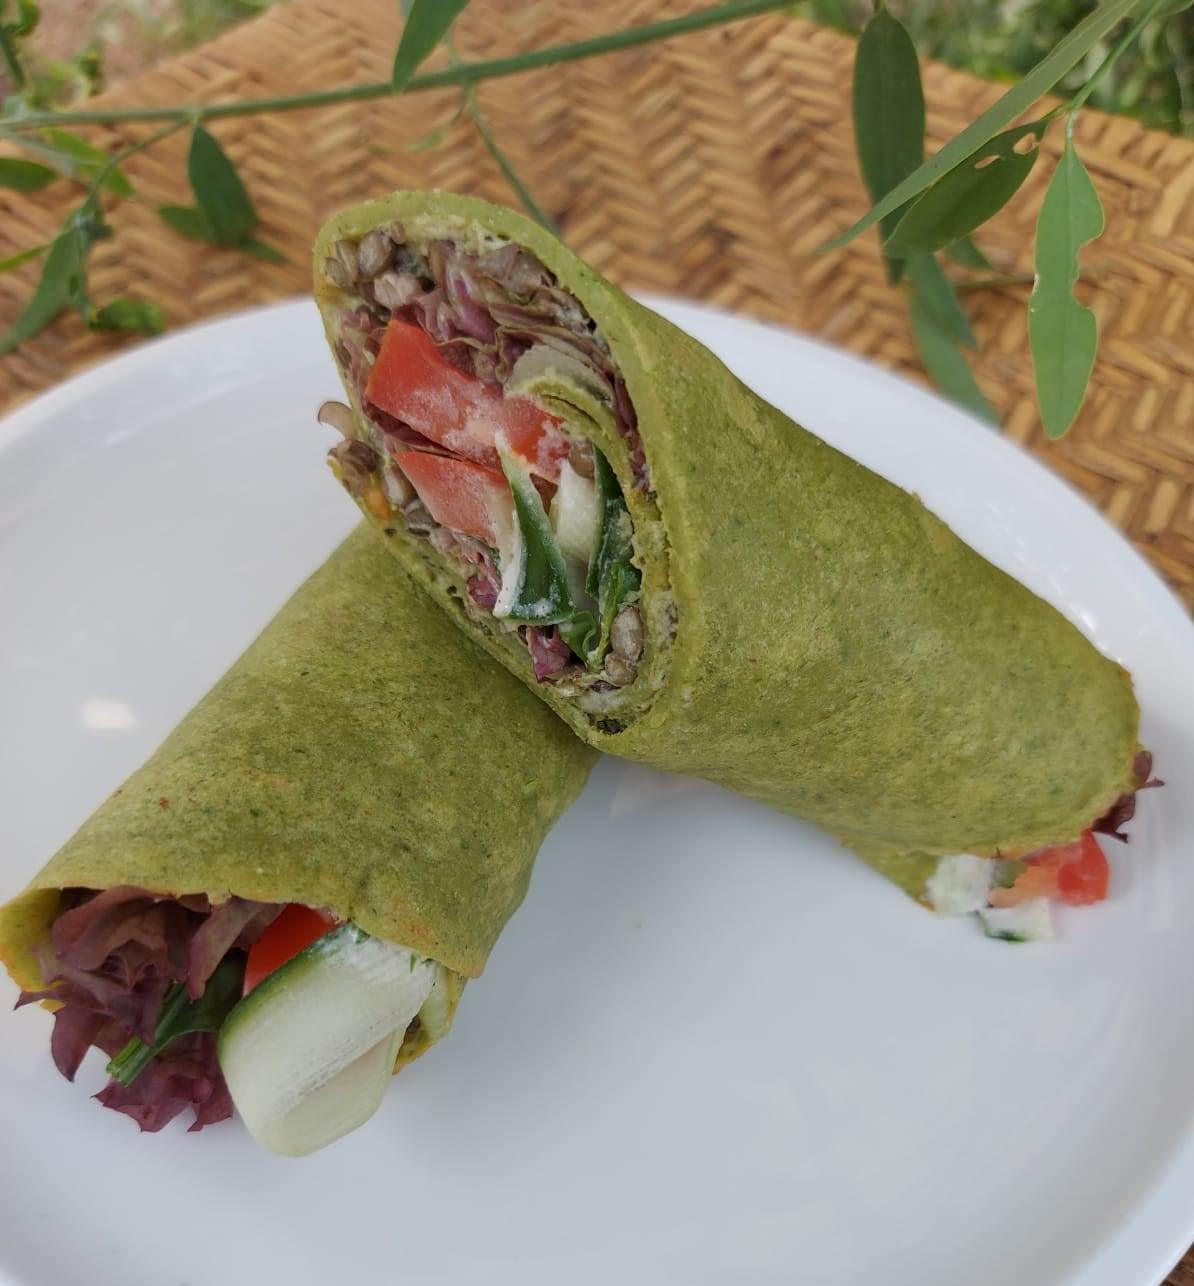 Spinach Lentil Wrap